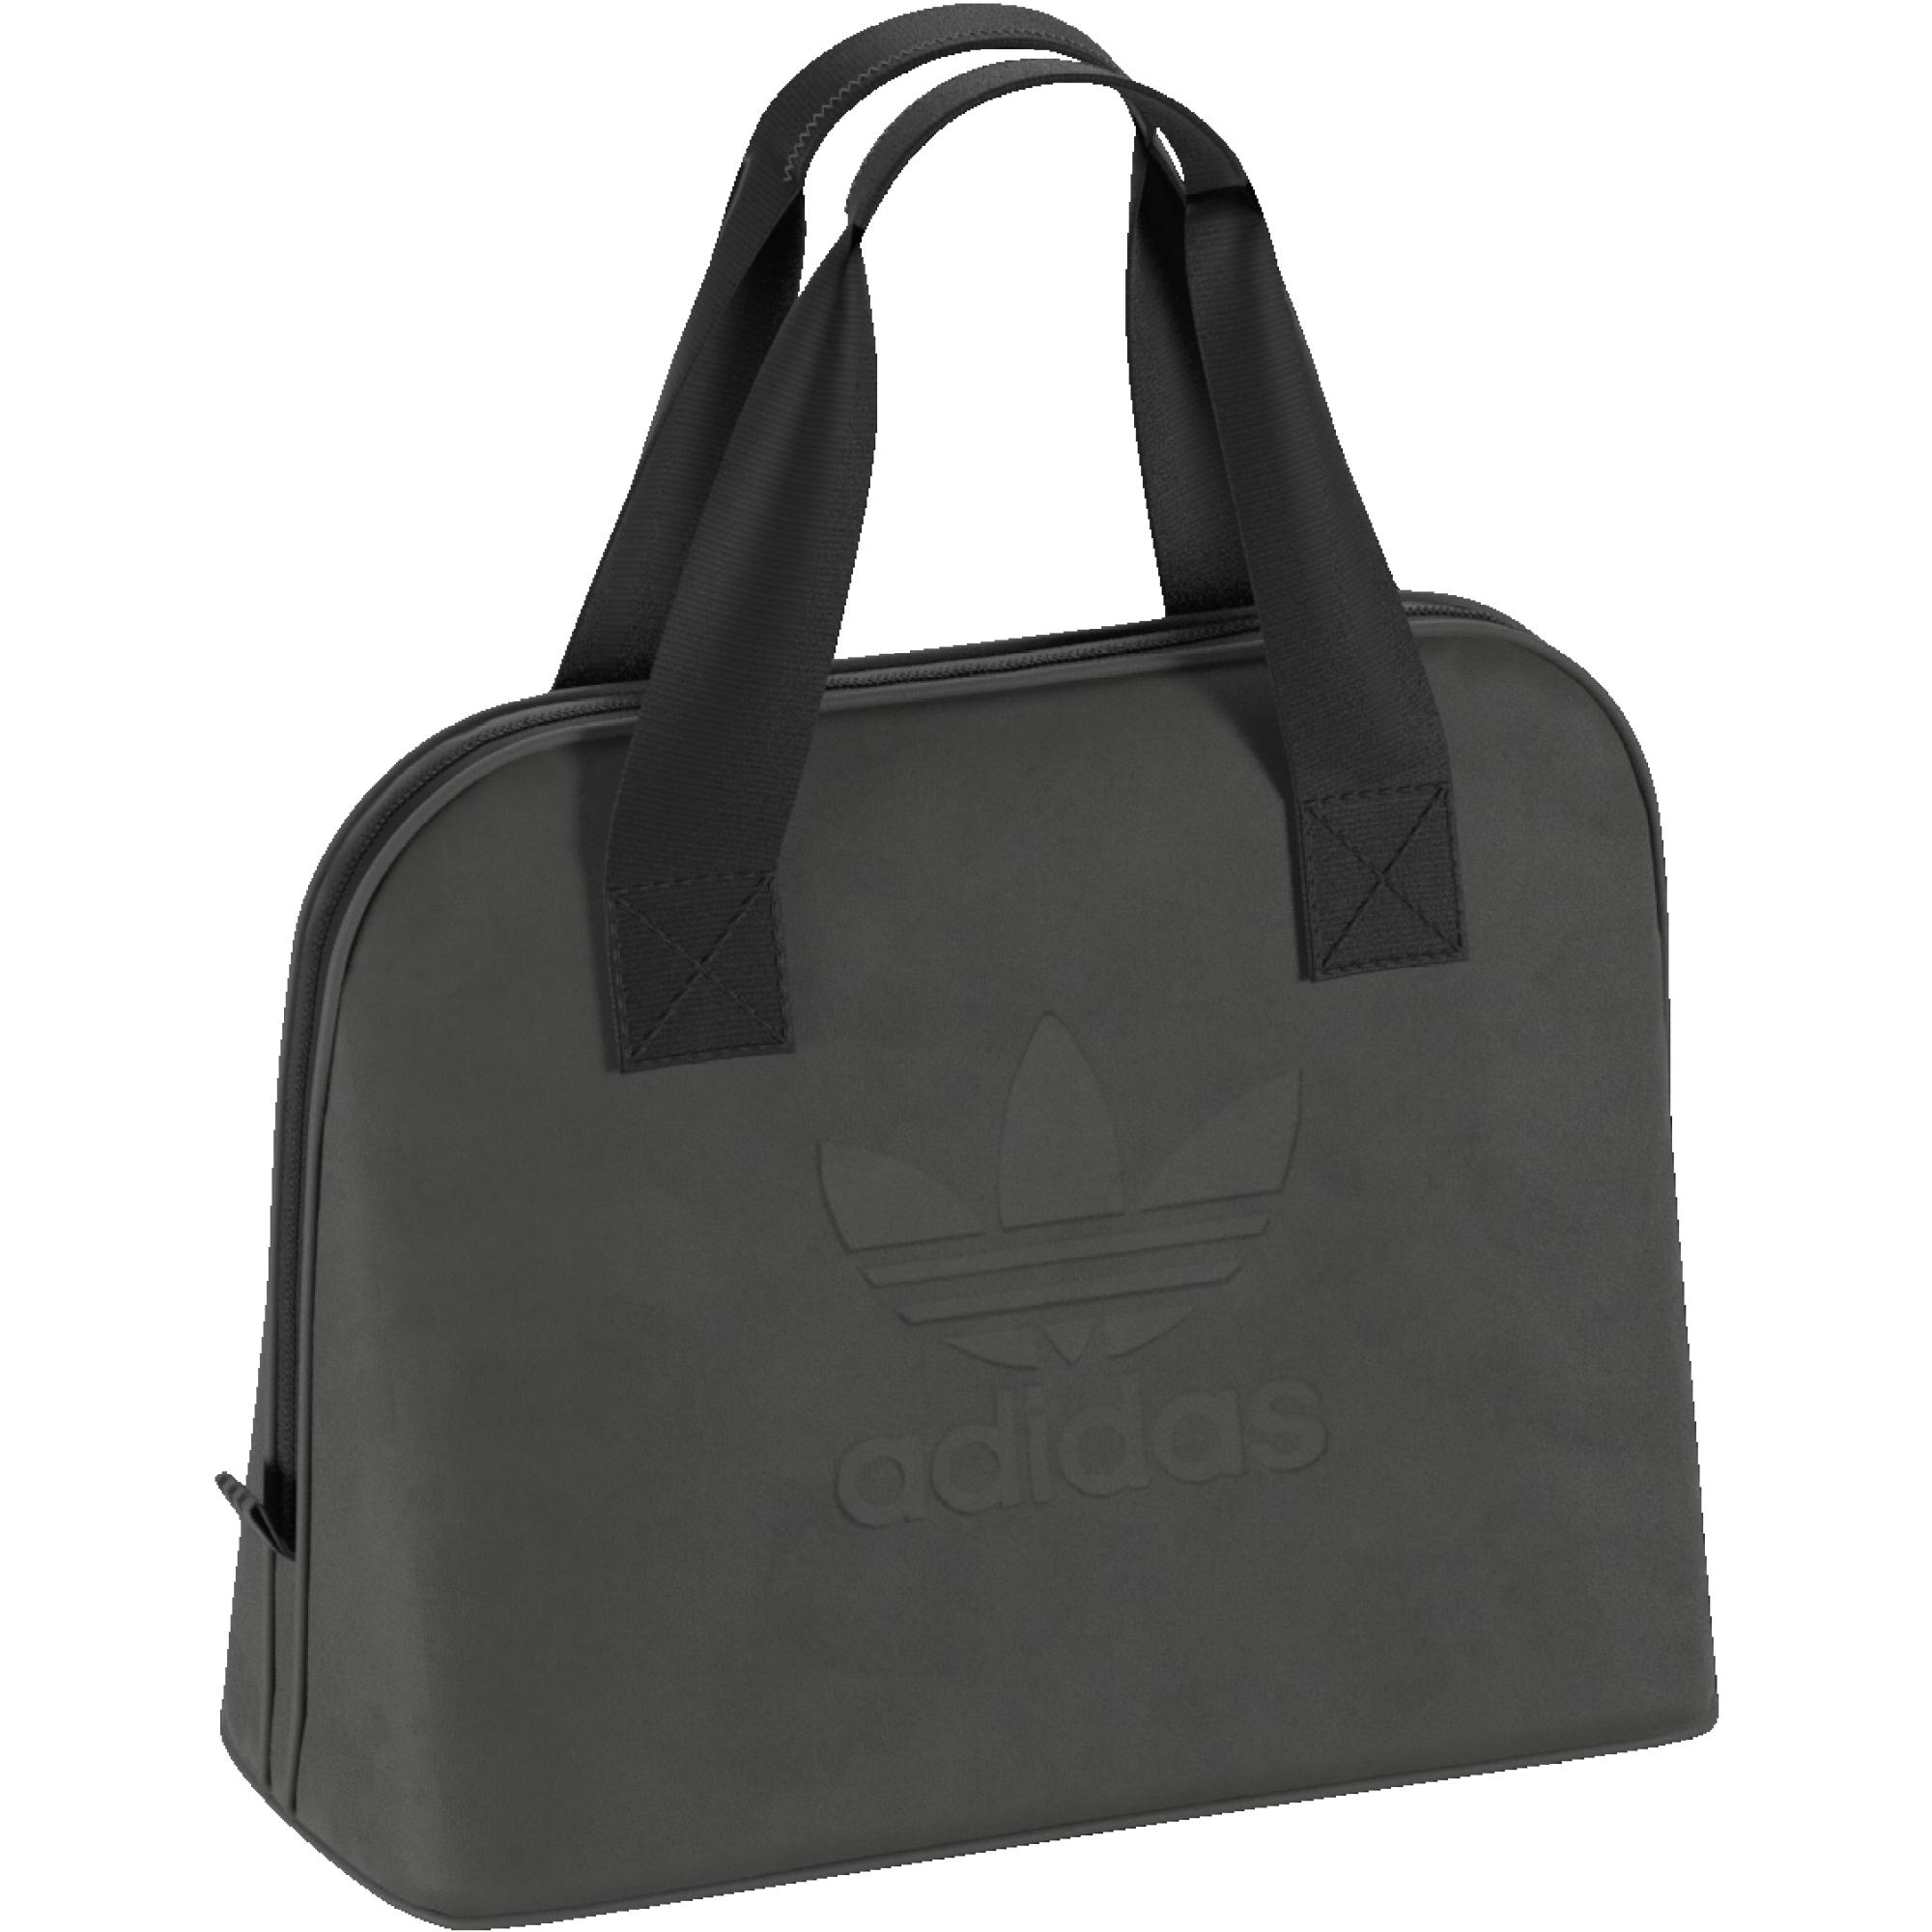 bk6920 Adidas női táska 472bbc5ef1